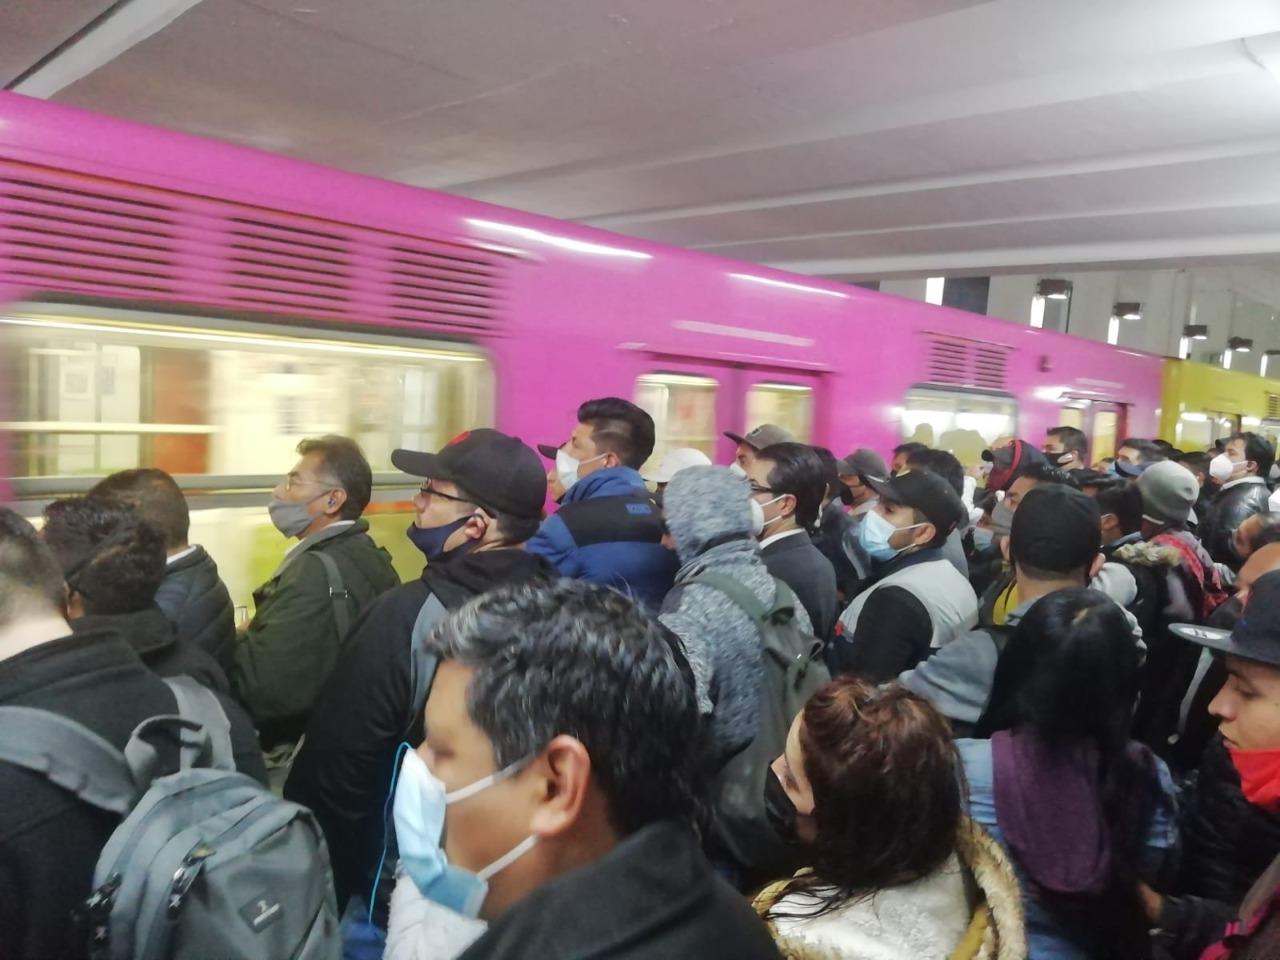 Historias en el metro - Claustrofobia